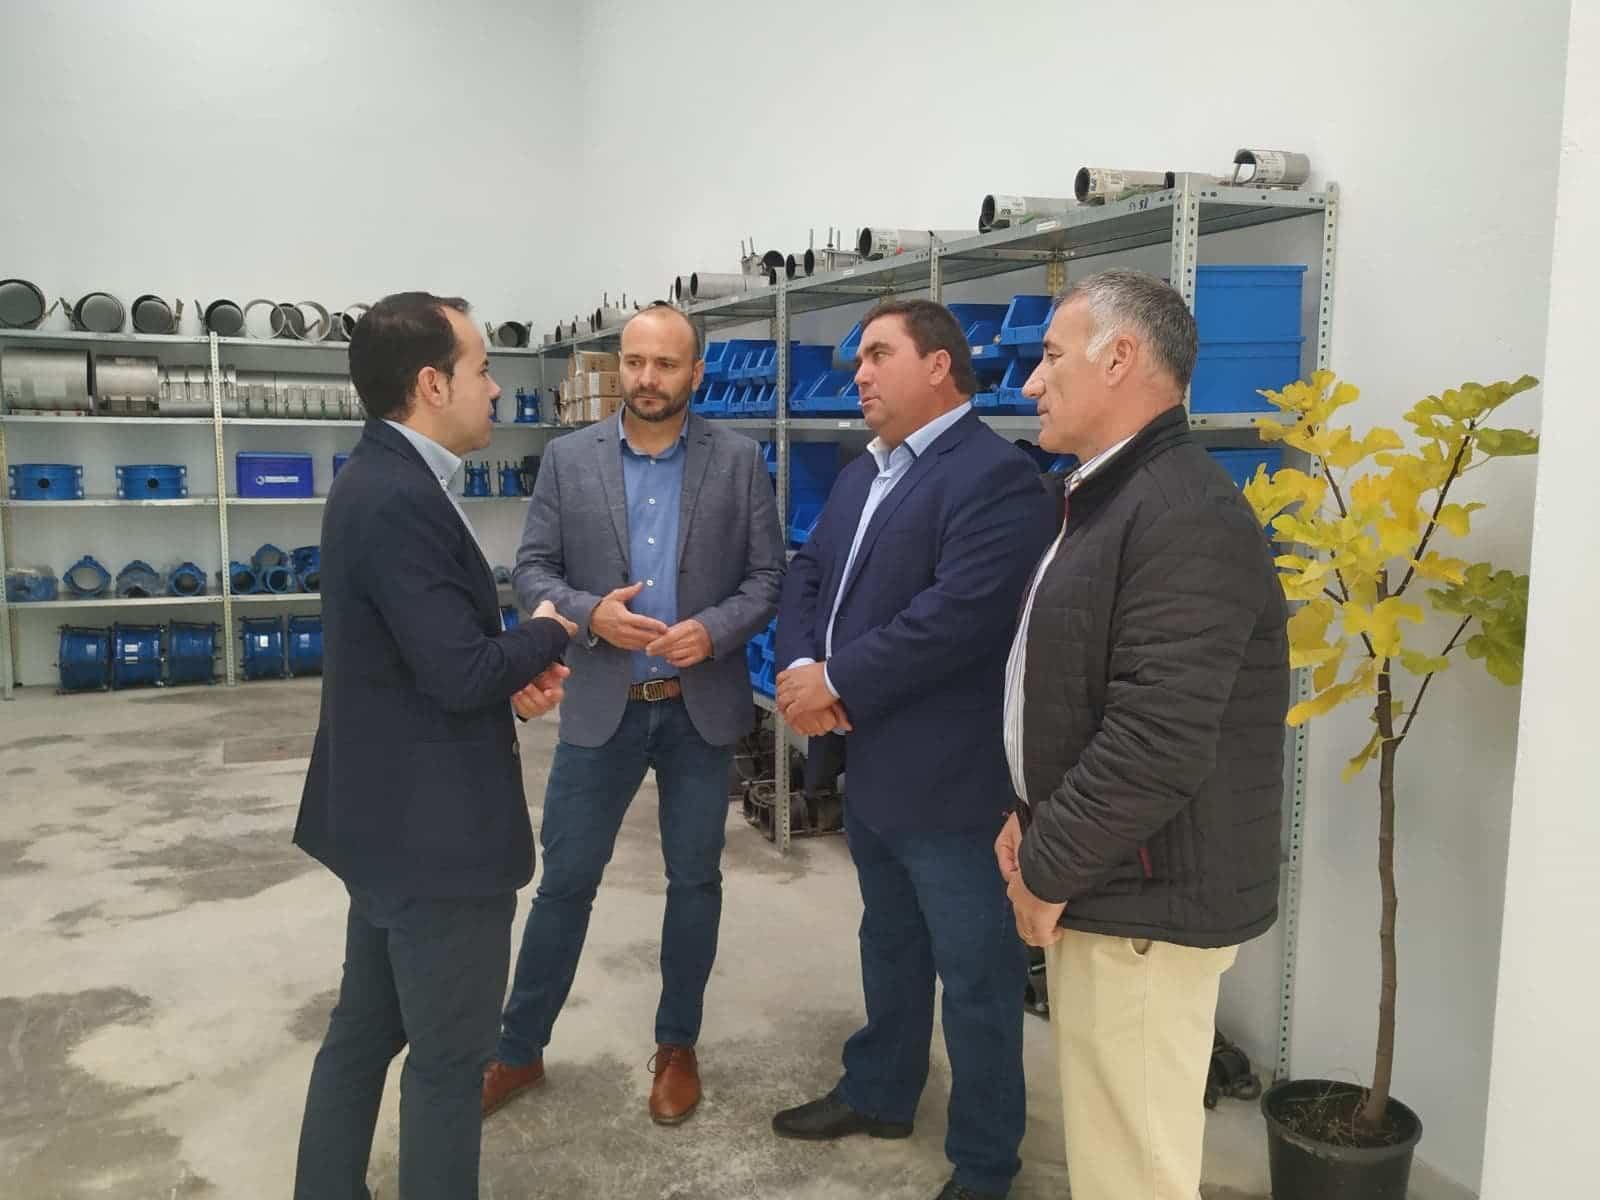 Inaugurada la nueva oficina del Servicio de Aguas Emaser en Herencia 8